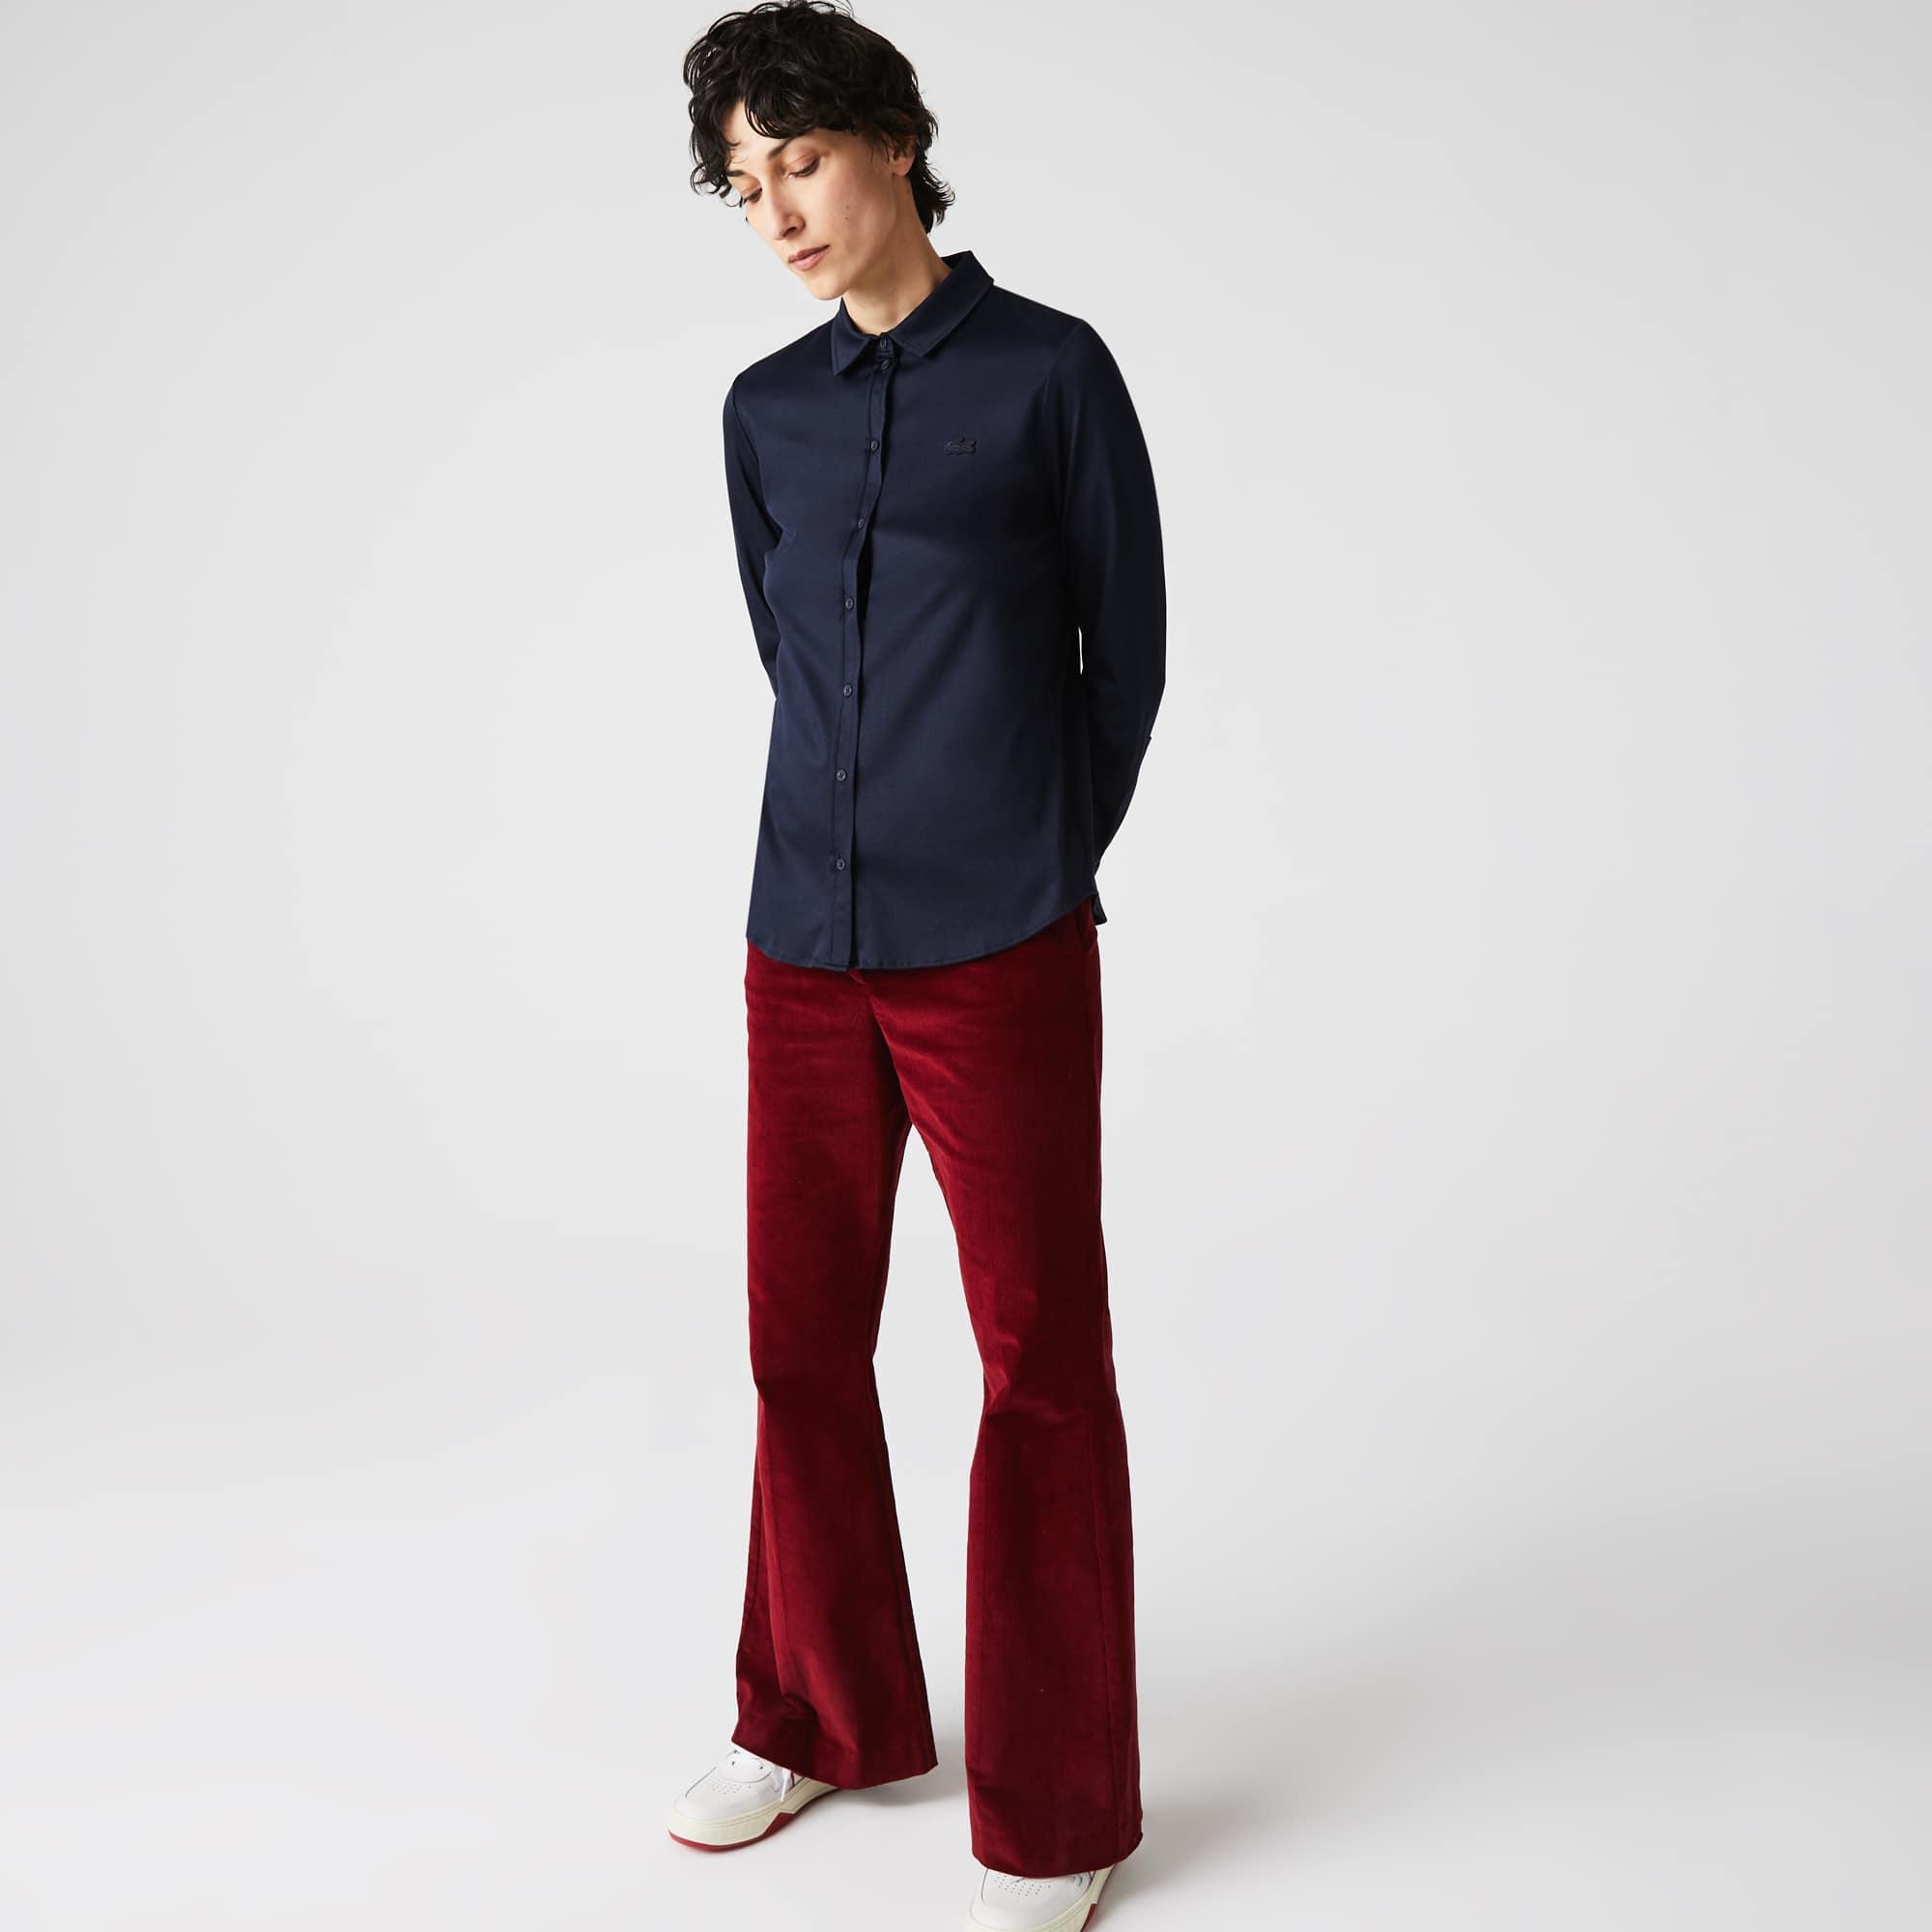 라코스테 우먼 루즈핏 셔츠 스타일 폴로 Womens  Lacoste Loose Fit Shirt Style Pima Cotton Polo,Navy Blue 166